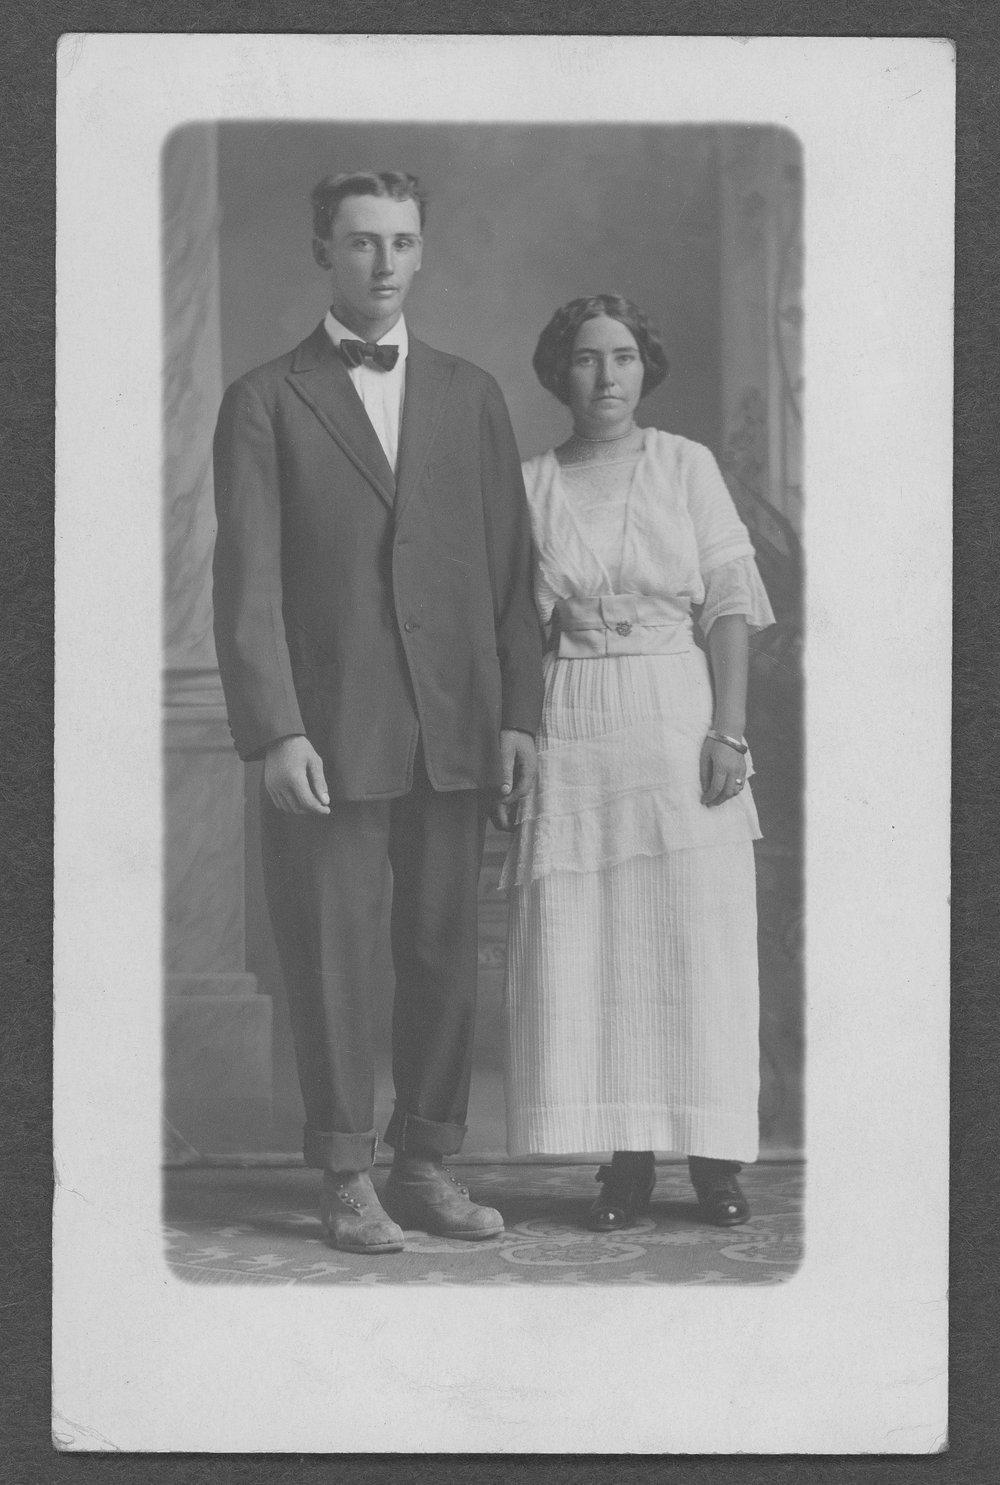 Clayton Burr West, World War I soldier - 1